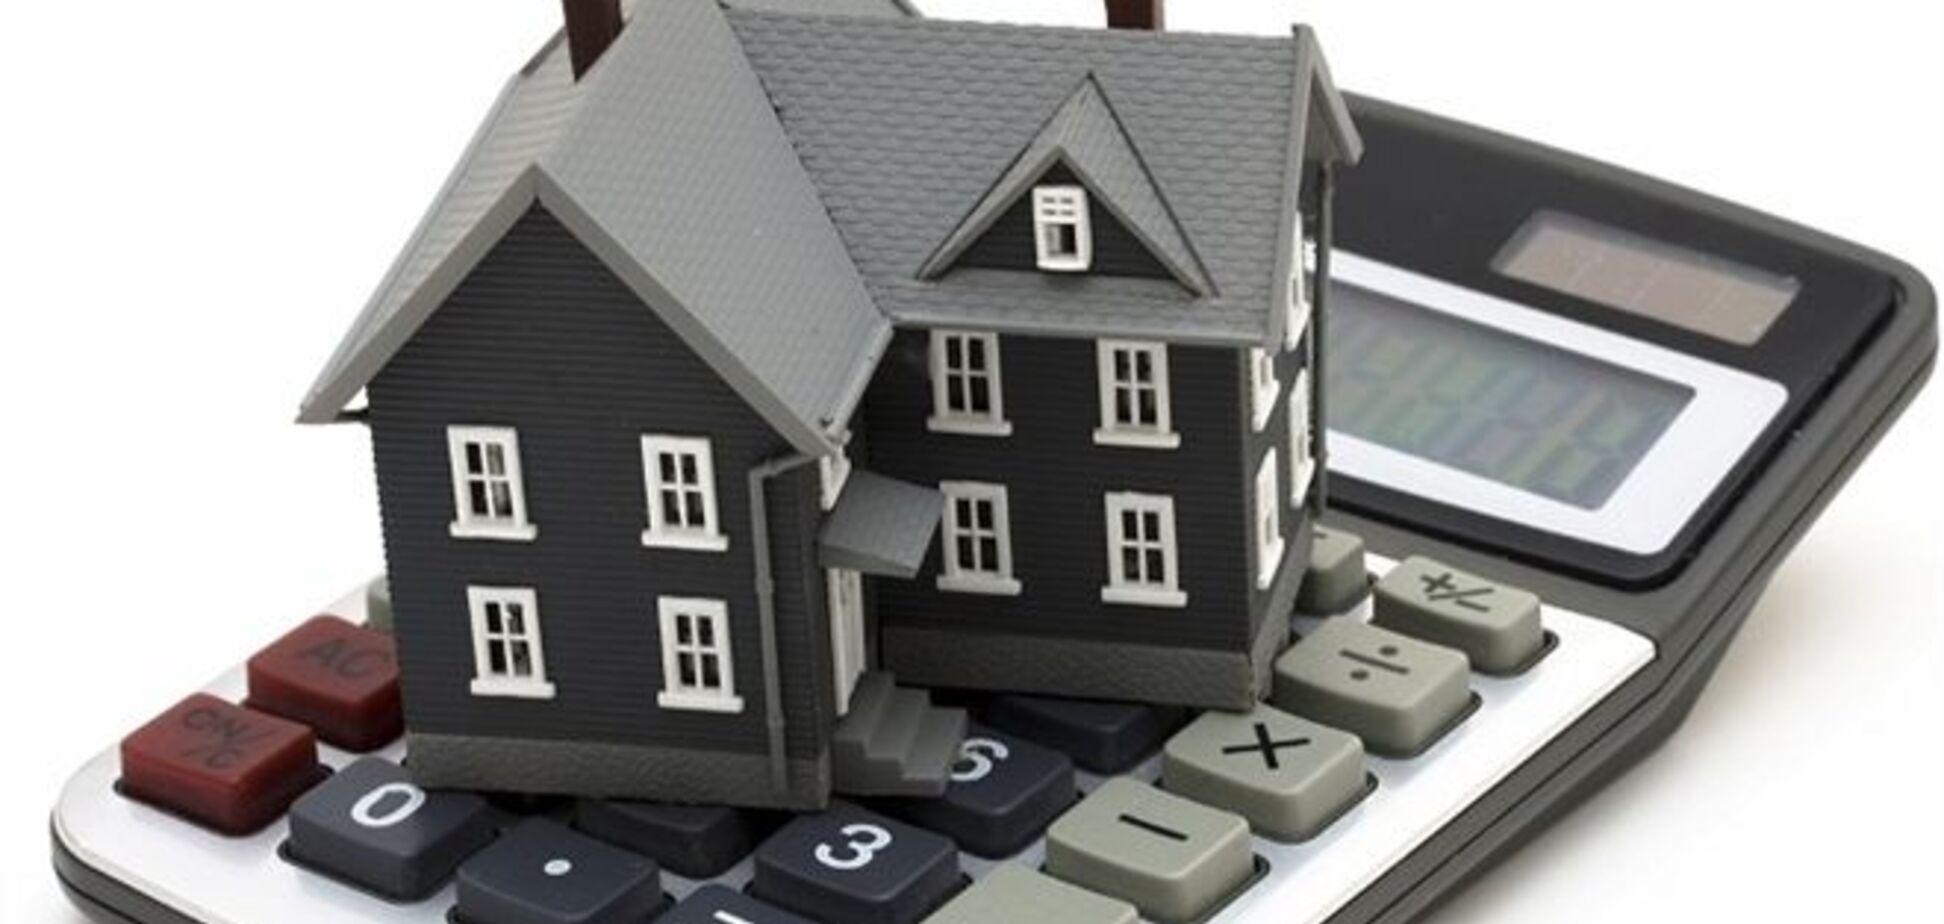 Миндоходов разъяснило порядок налогообложения доходов от продажи недвижимости